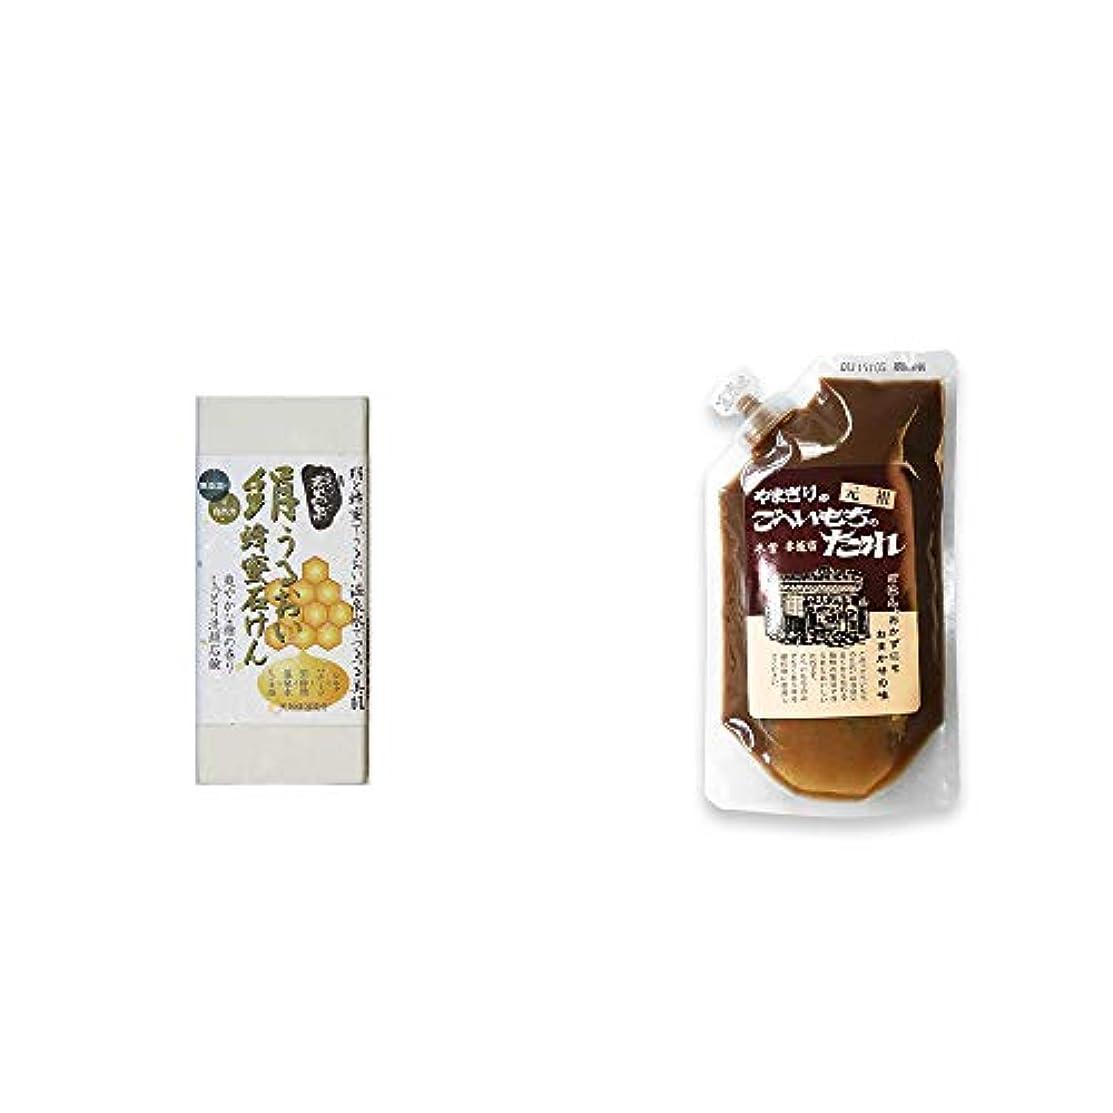 麦芽知的テラス[2点セット] ひのき炭黒泉 絹うるおい蜂蜜石けん(75g×2)?妻籠宿 やまぎり食堂 ごへい餅のたれ(250g)